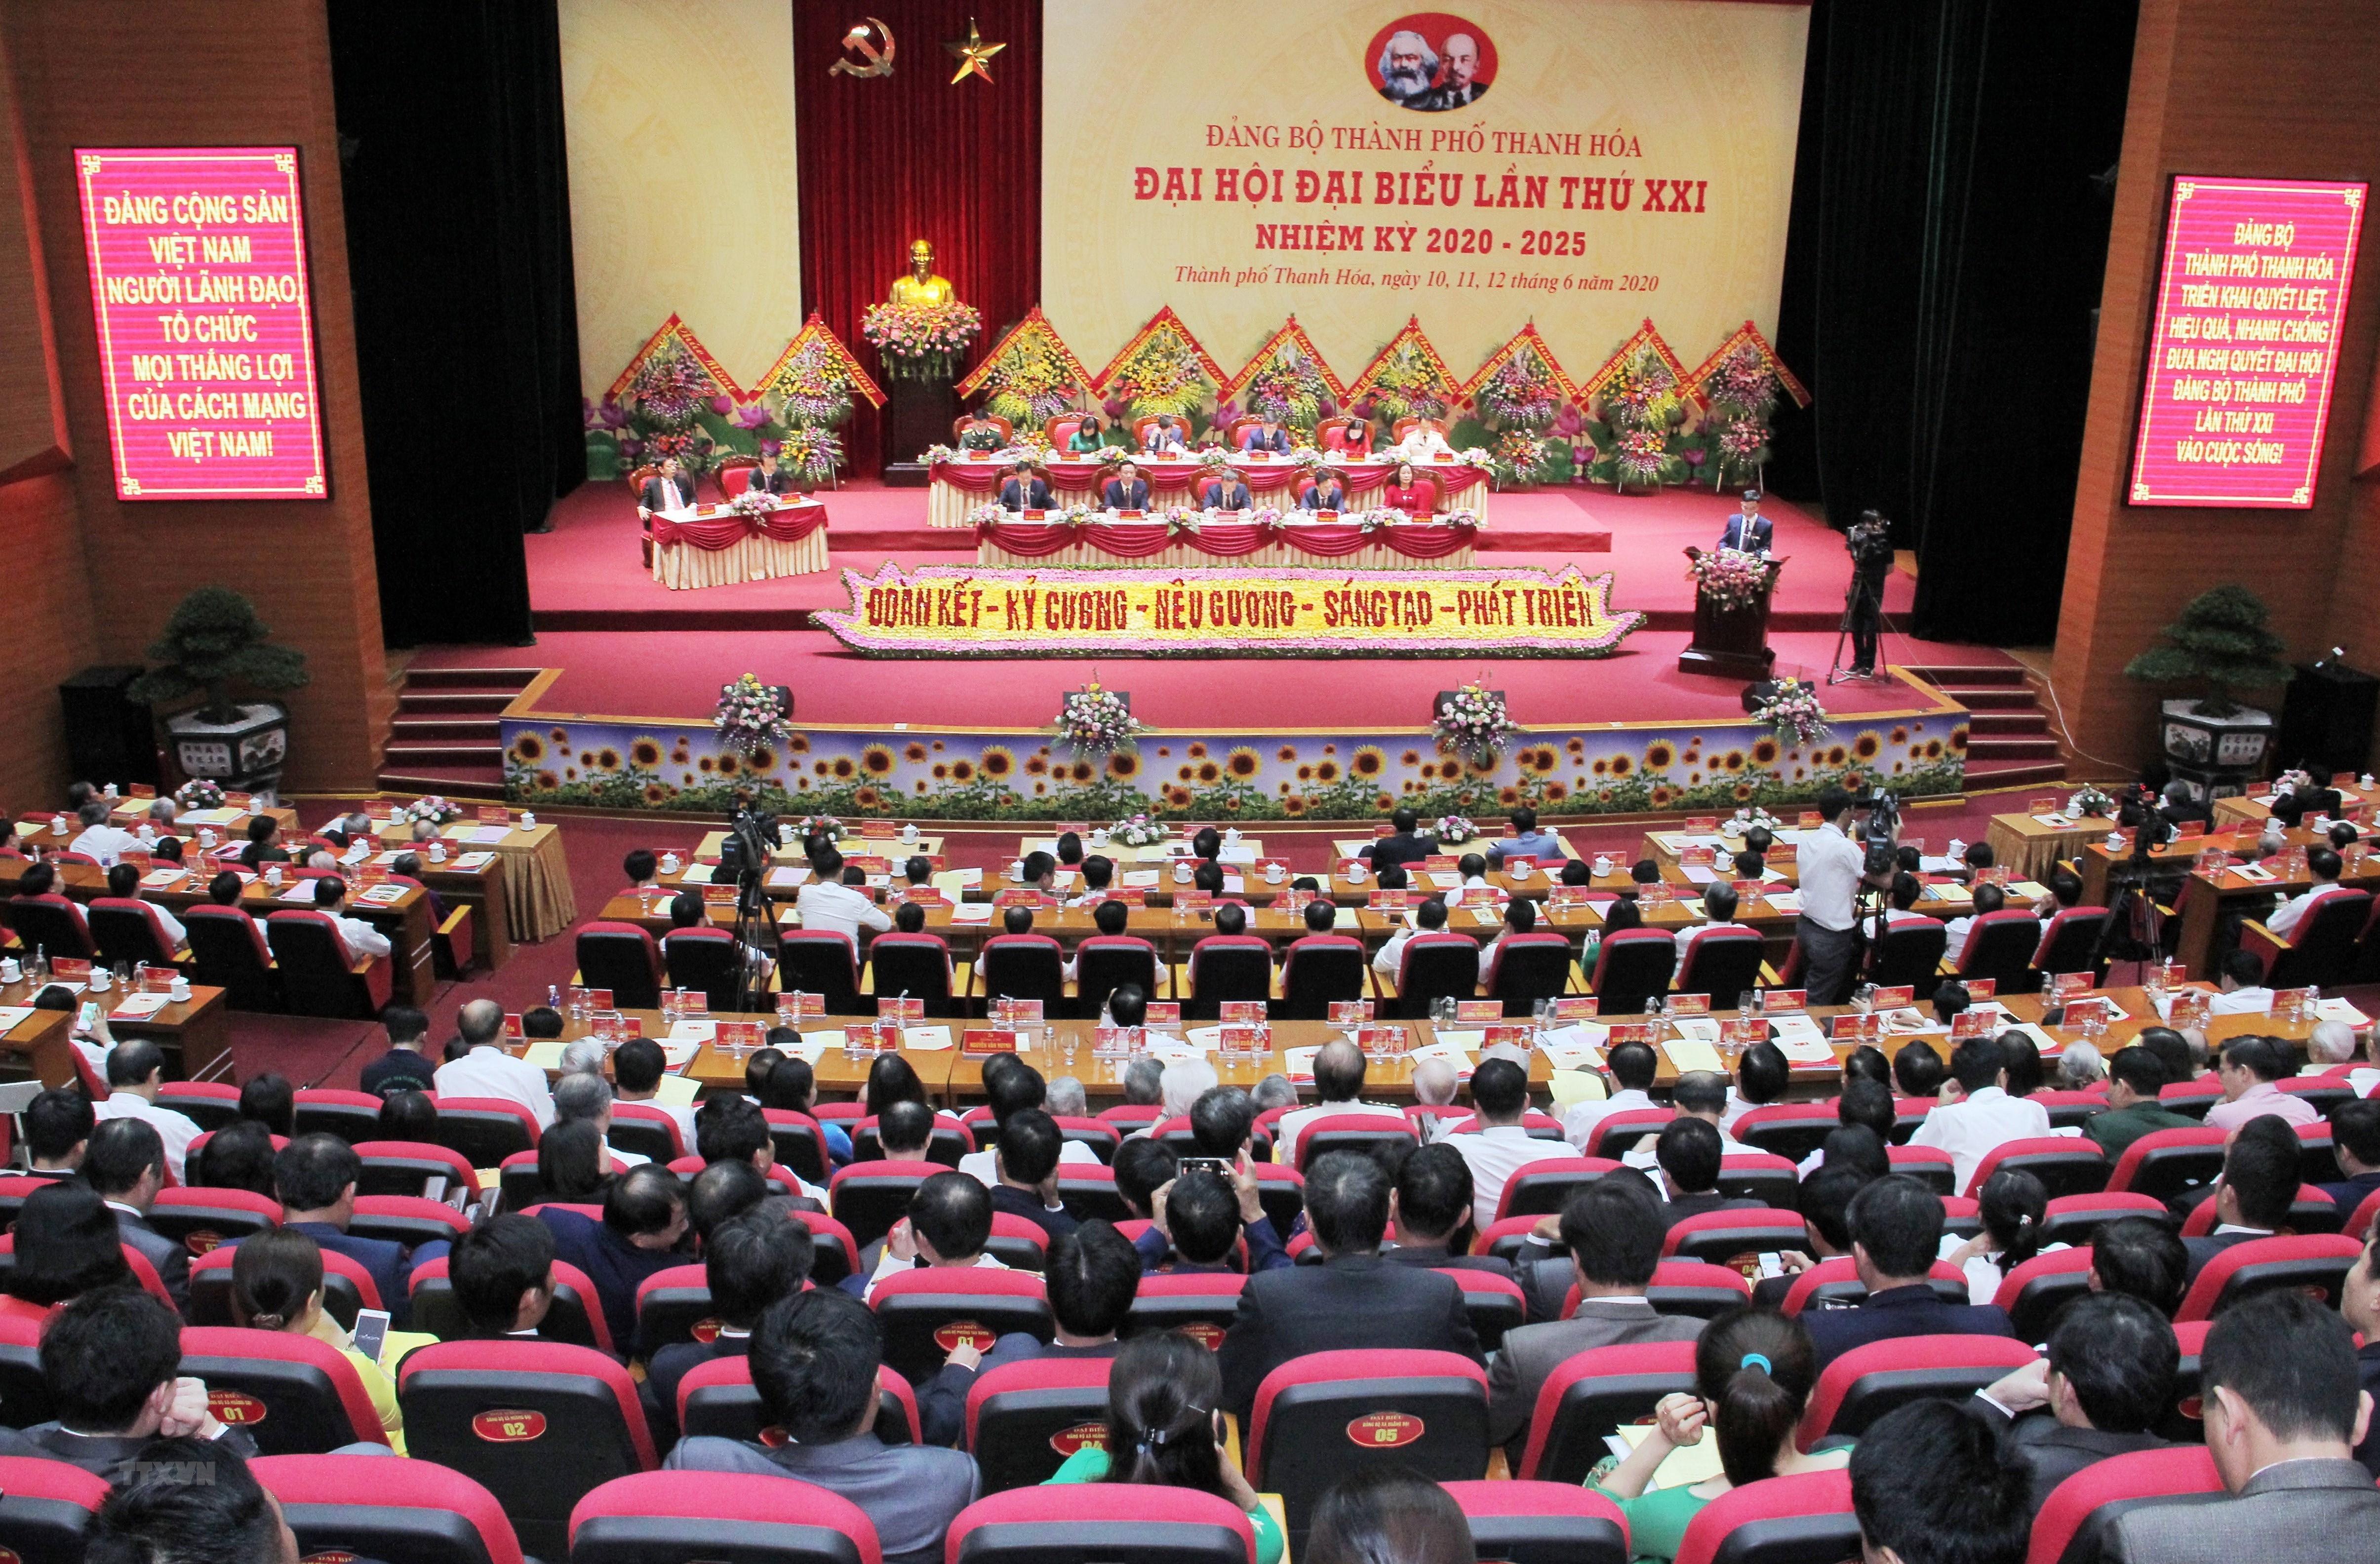 Thanh Hoa to chuc dai hoi diem Dang bo thanh pho Thanh Hoa hinh anh 1